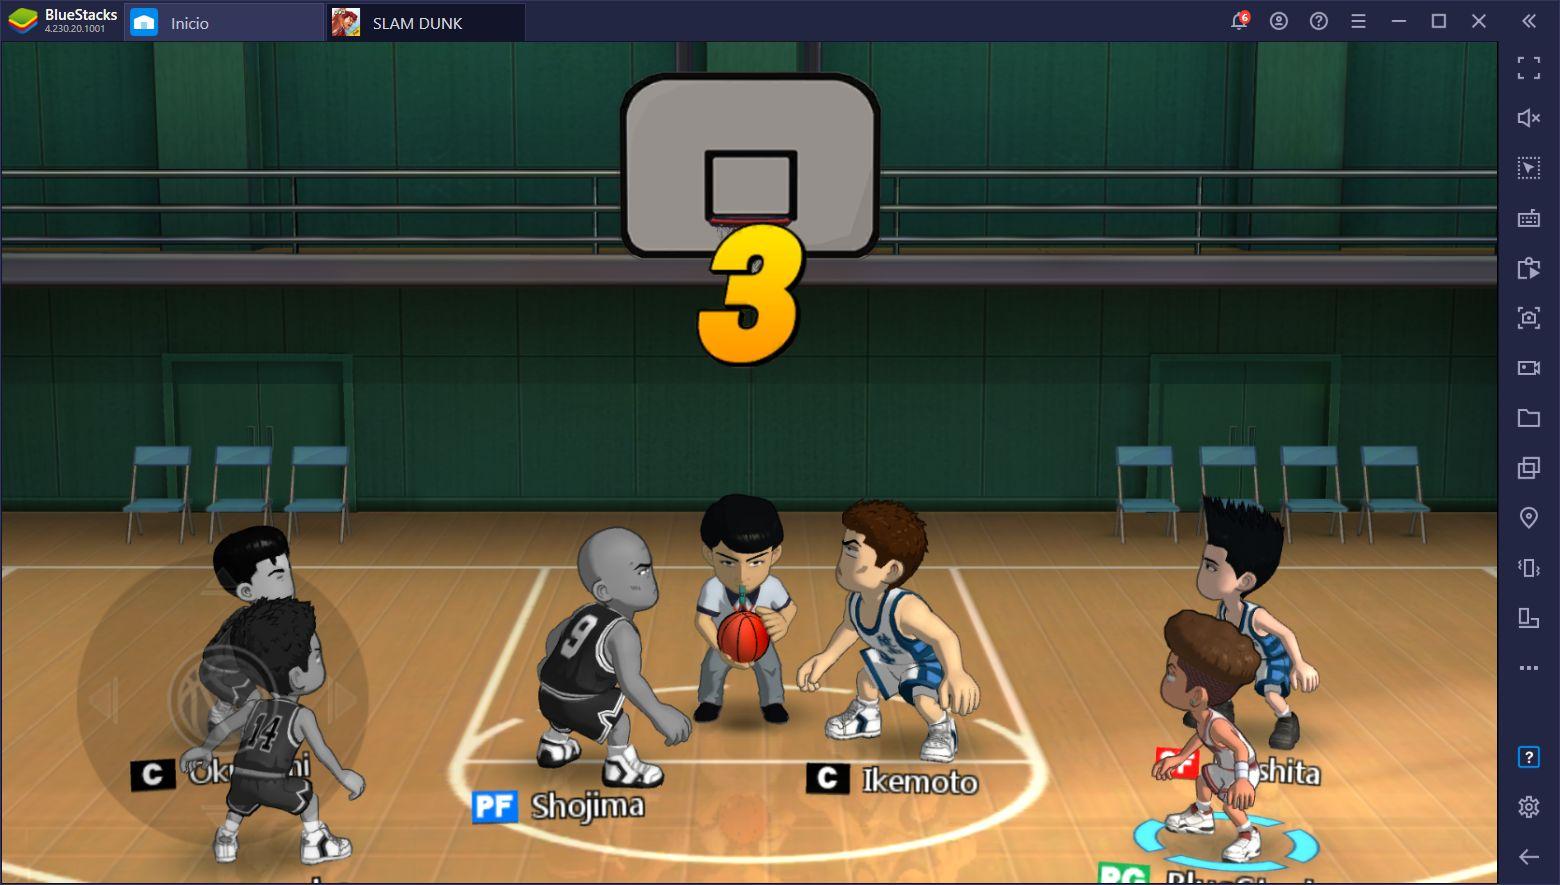 El Juego Para Móviles de Slam Dunk Acaba de Lanzar y lo Puedes Jugar en PC con BlueStacks